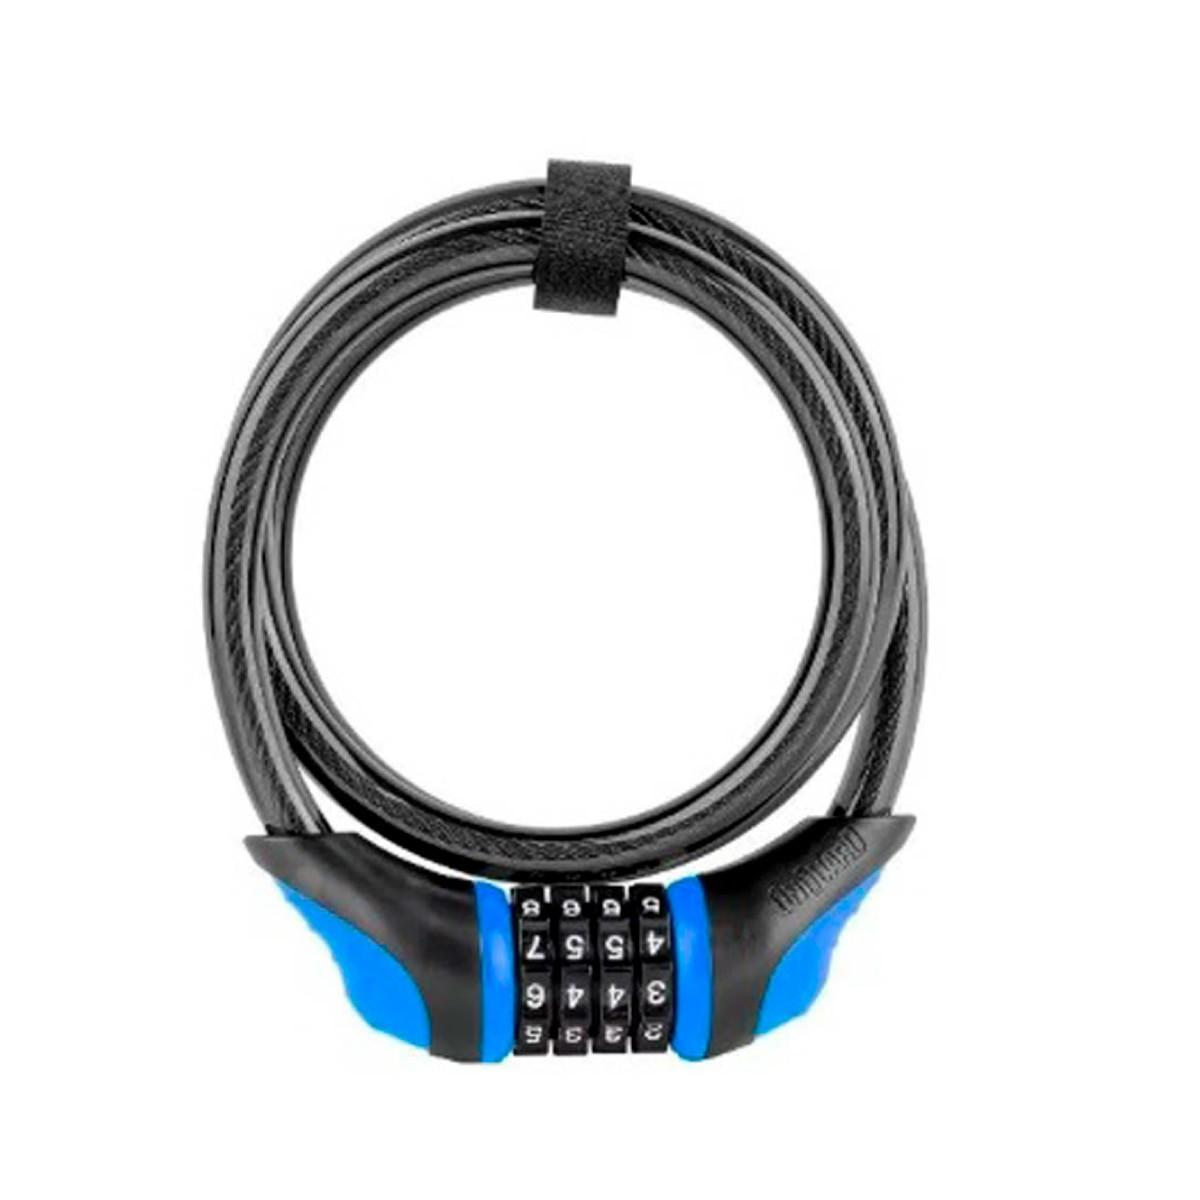 Cadeado Onguard 8169 Neon Segredo Azul